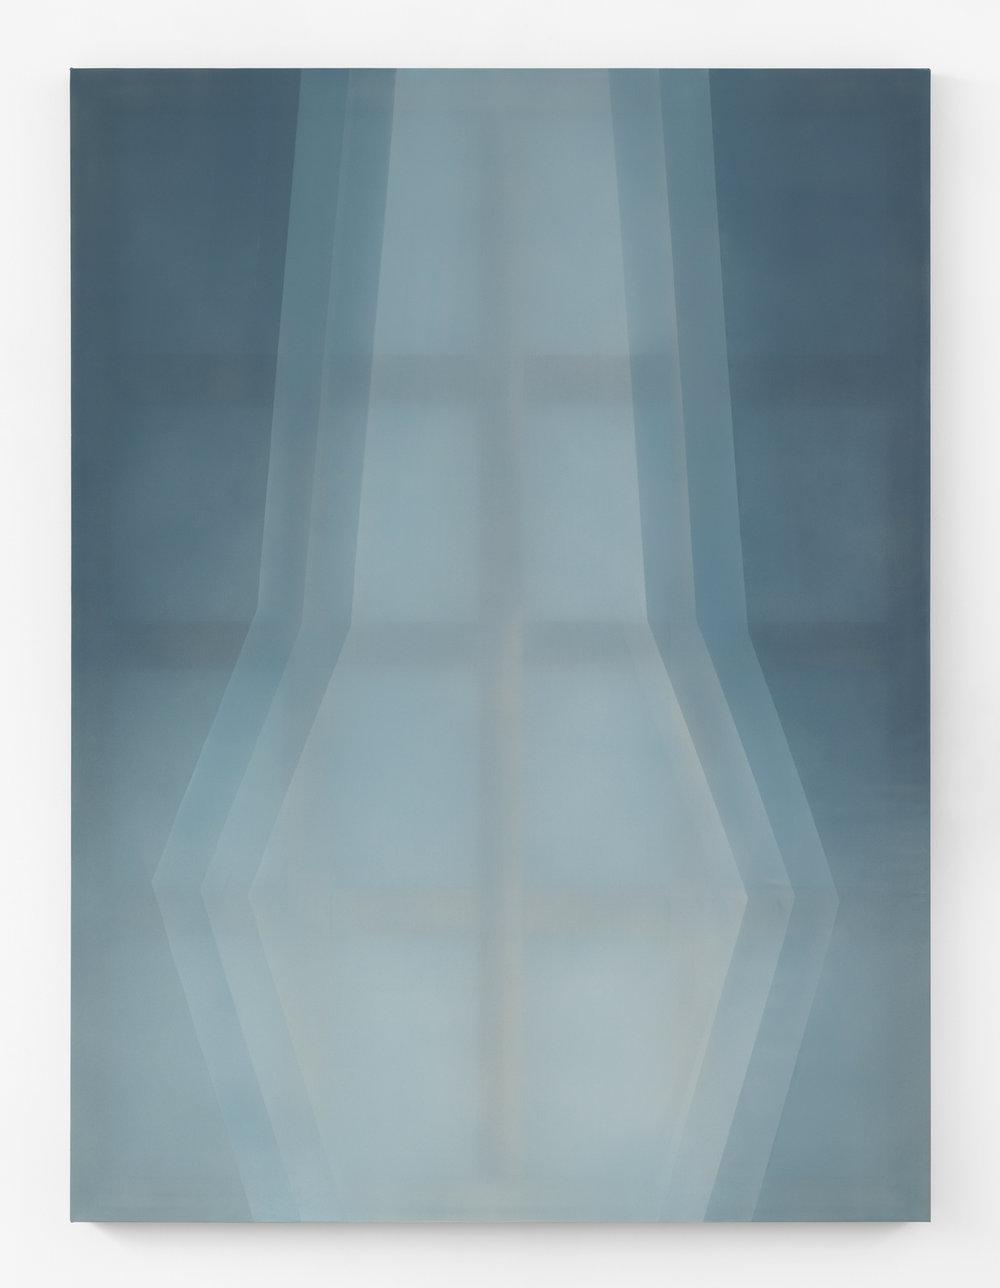 ((( )))  acrylic on silk 60 in x 45 in 2018